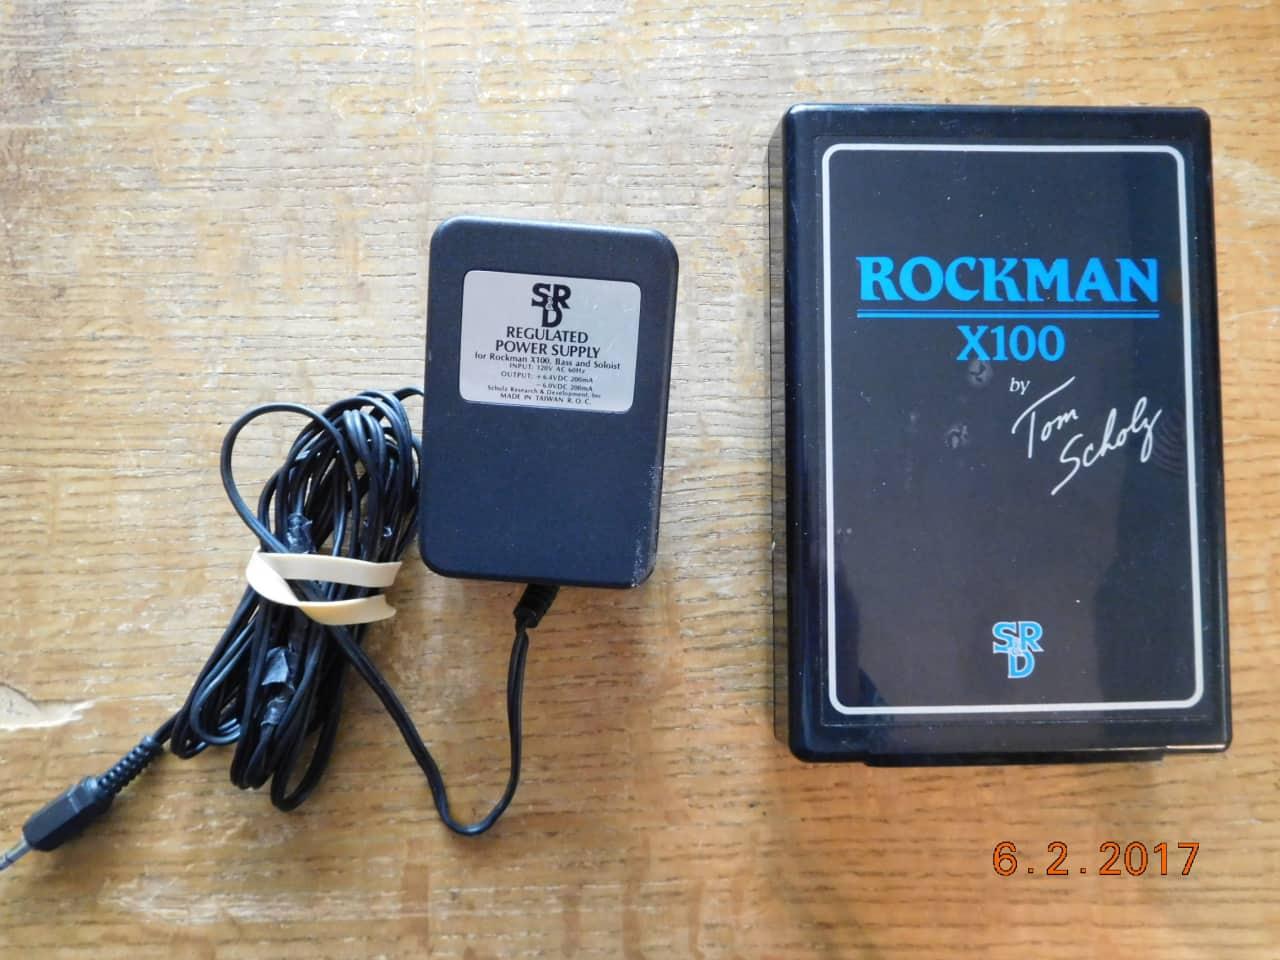 rockman x100 r 10 guitar belt amp by tom scholz reverb. Black Bedroom Furniture Sets. Home Design Ideas